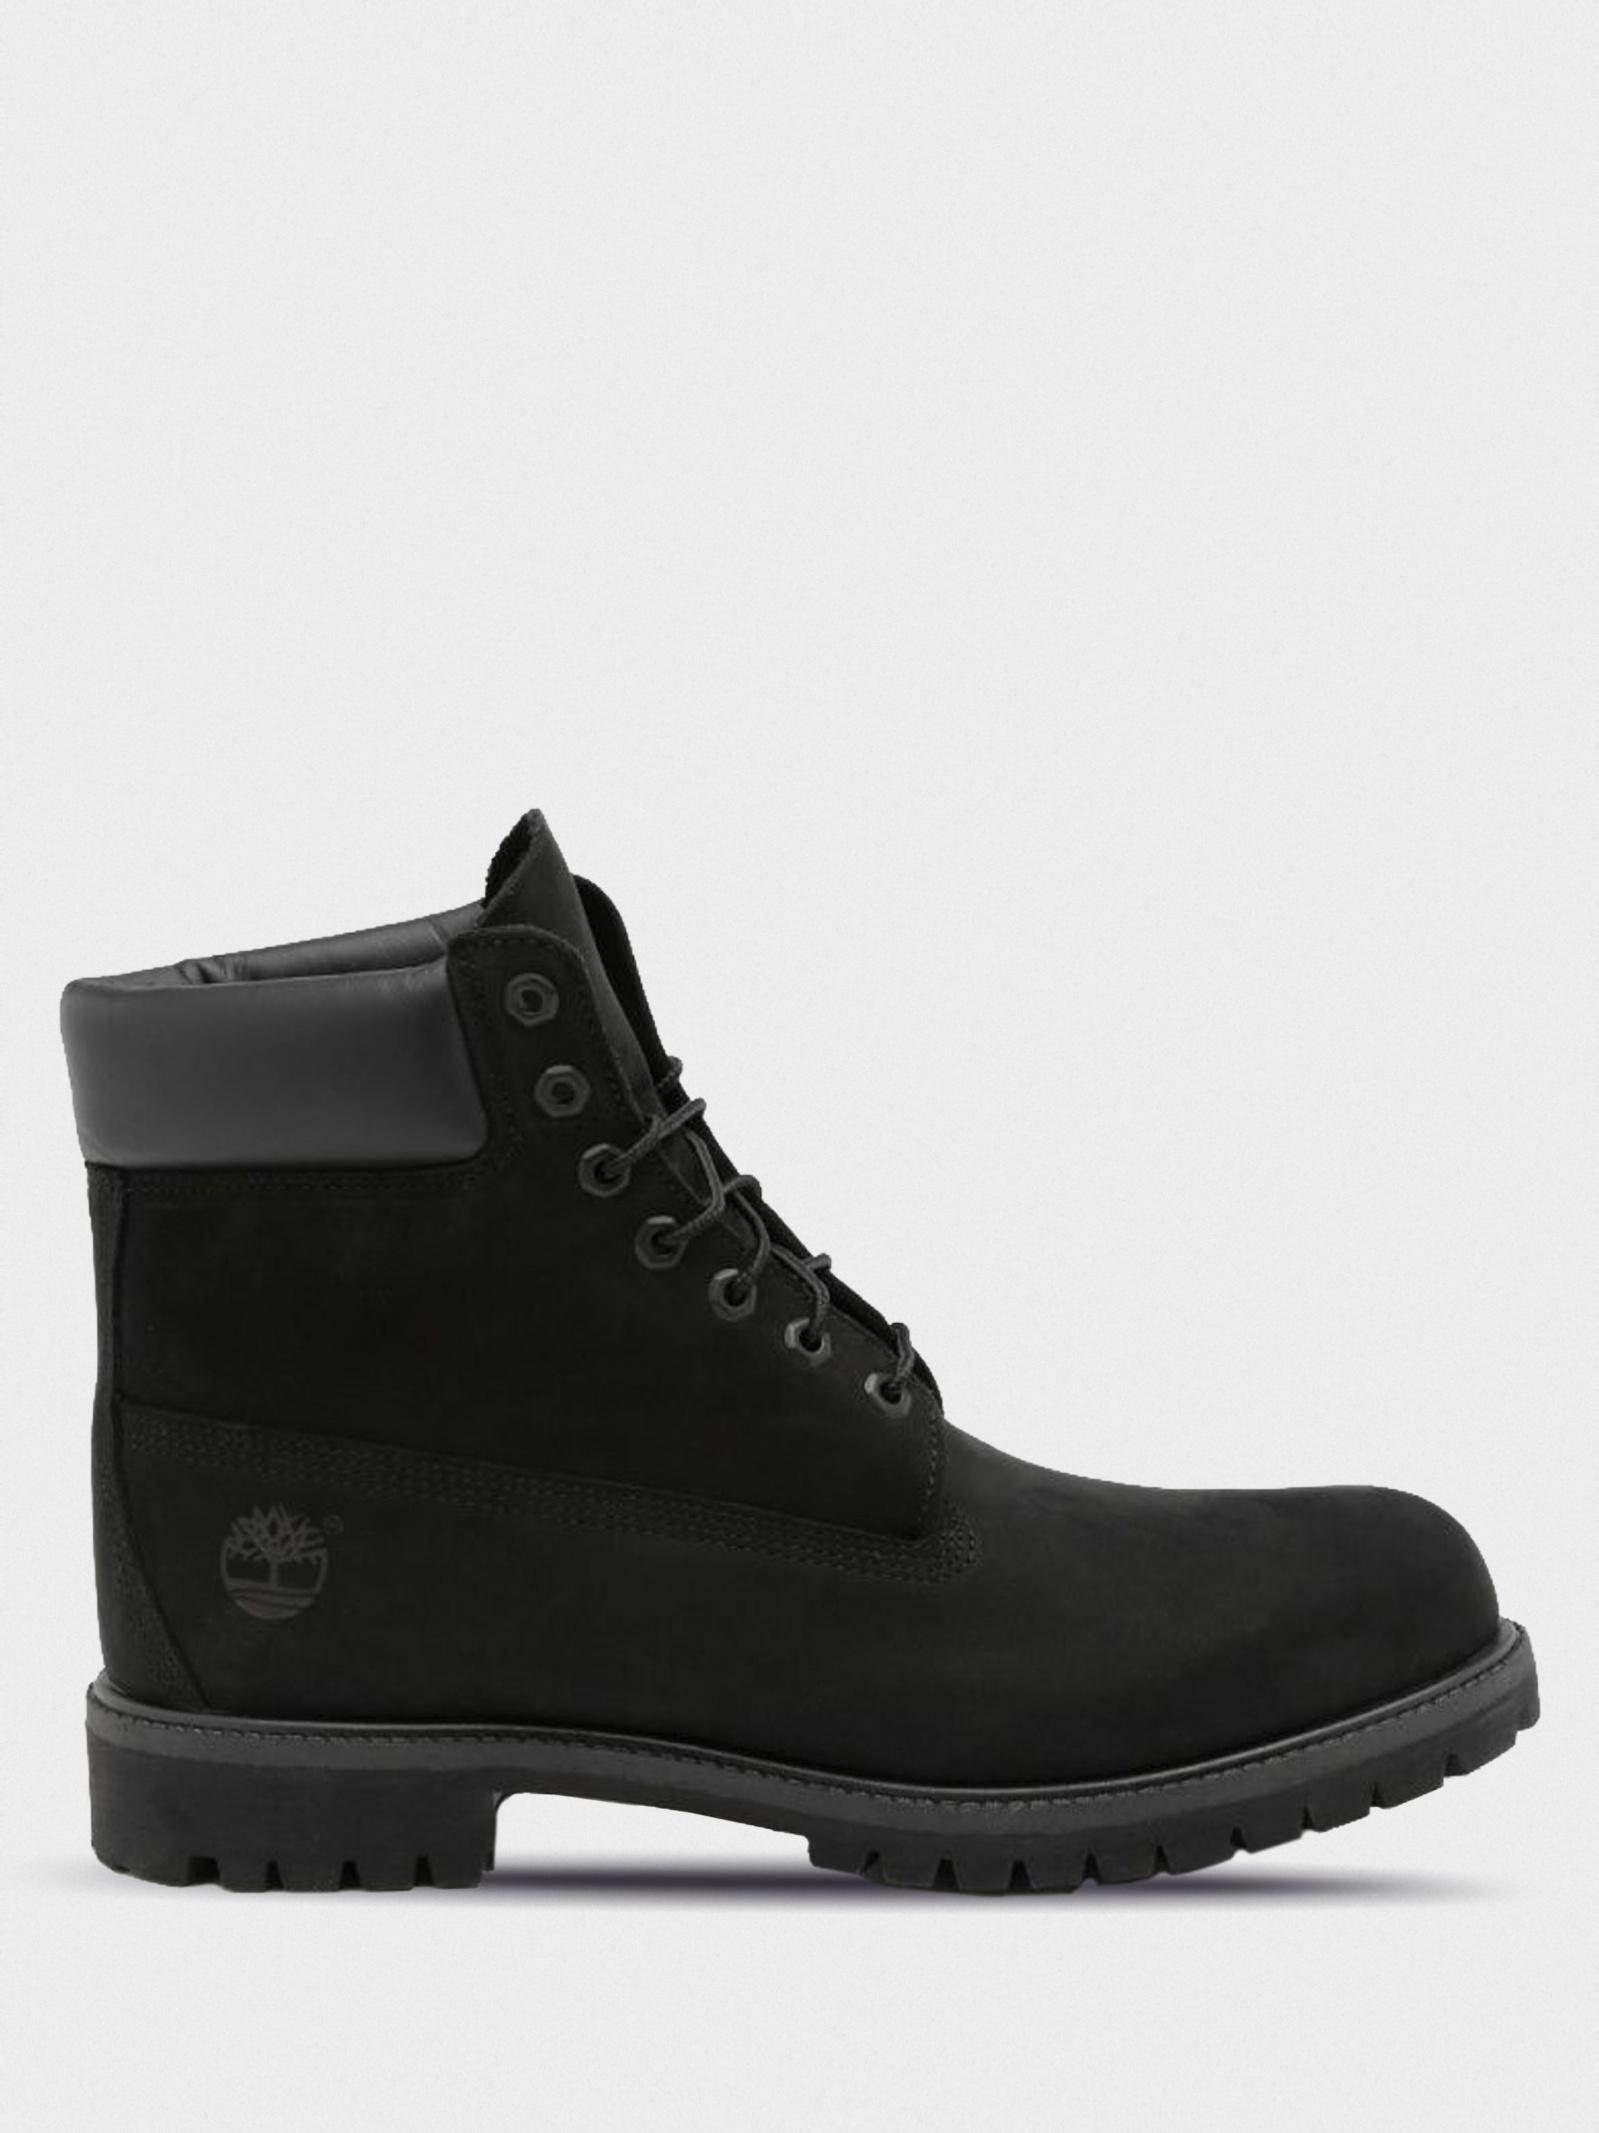 Черевики  чоловічі Timberland 6 In Premium TB0100730011 модне взуття, 2017